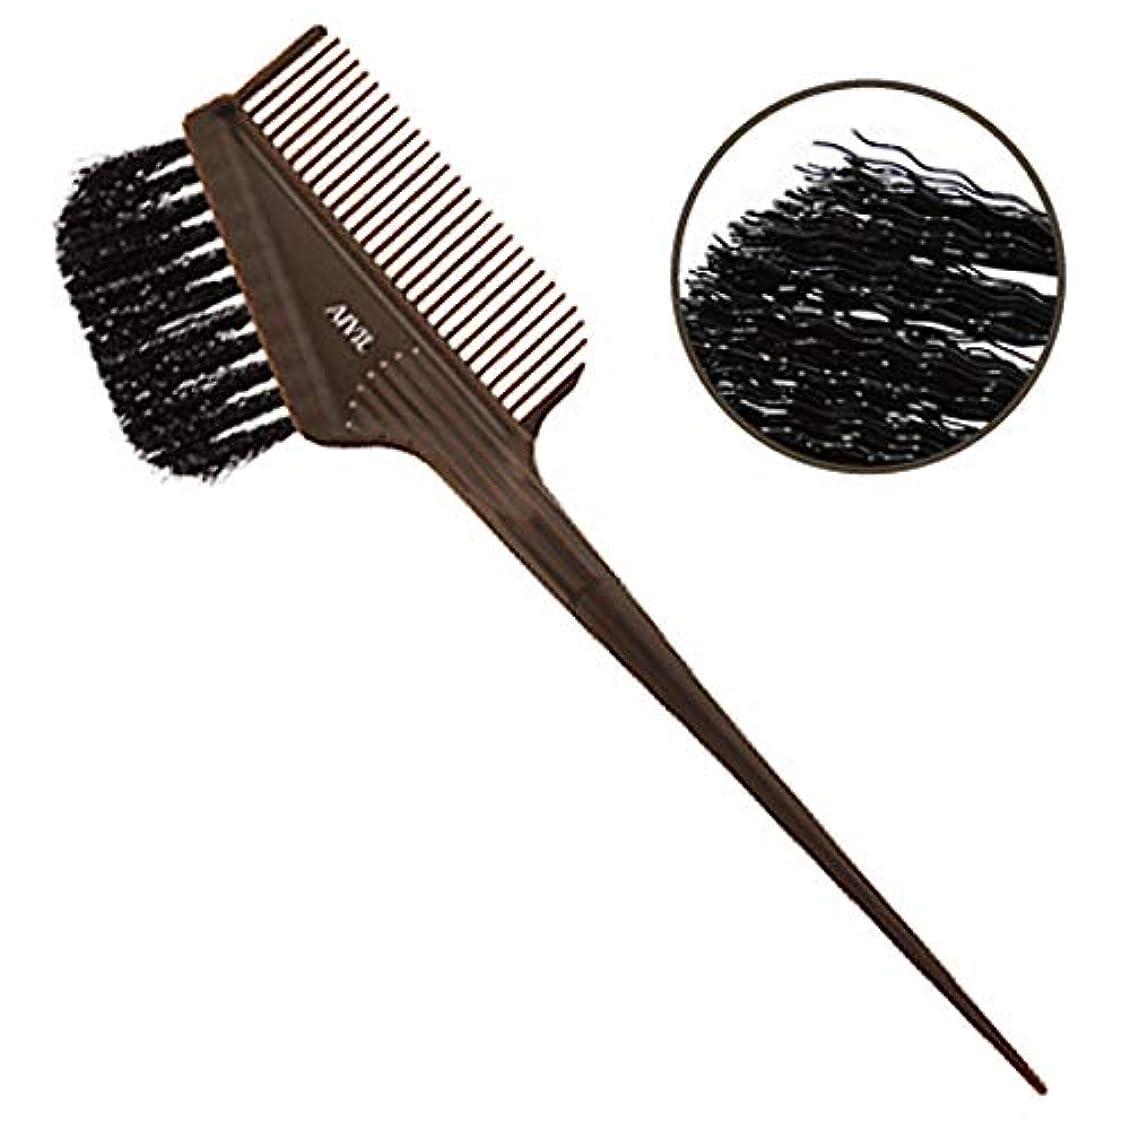 アイビル ヘアダイブラシ バトン ブラウン ウェーブ毛 刷毛/カラー剤/毛染めブラシ AIVIL